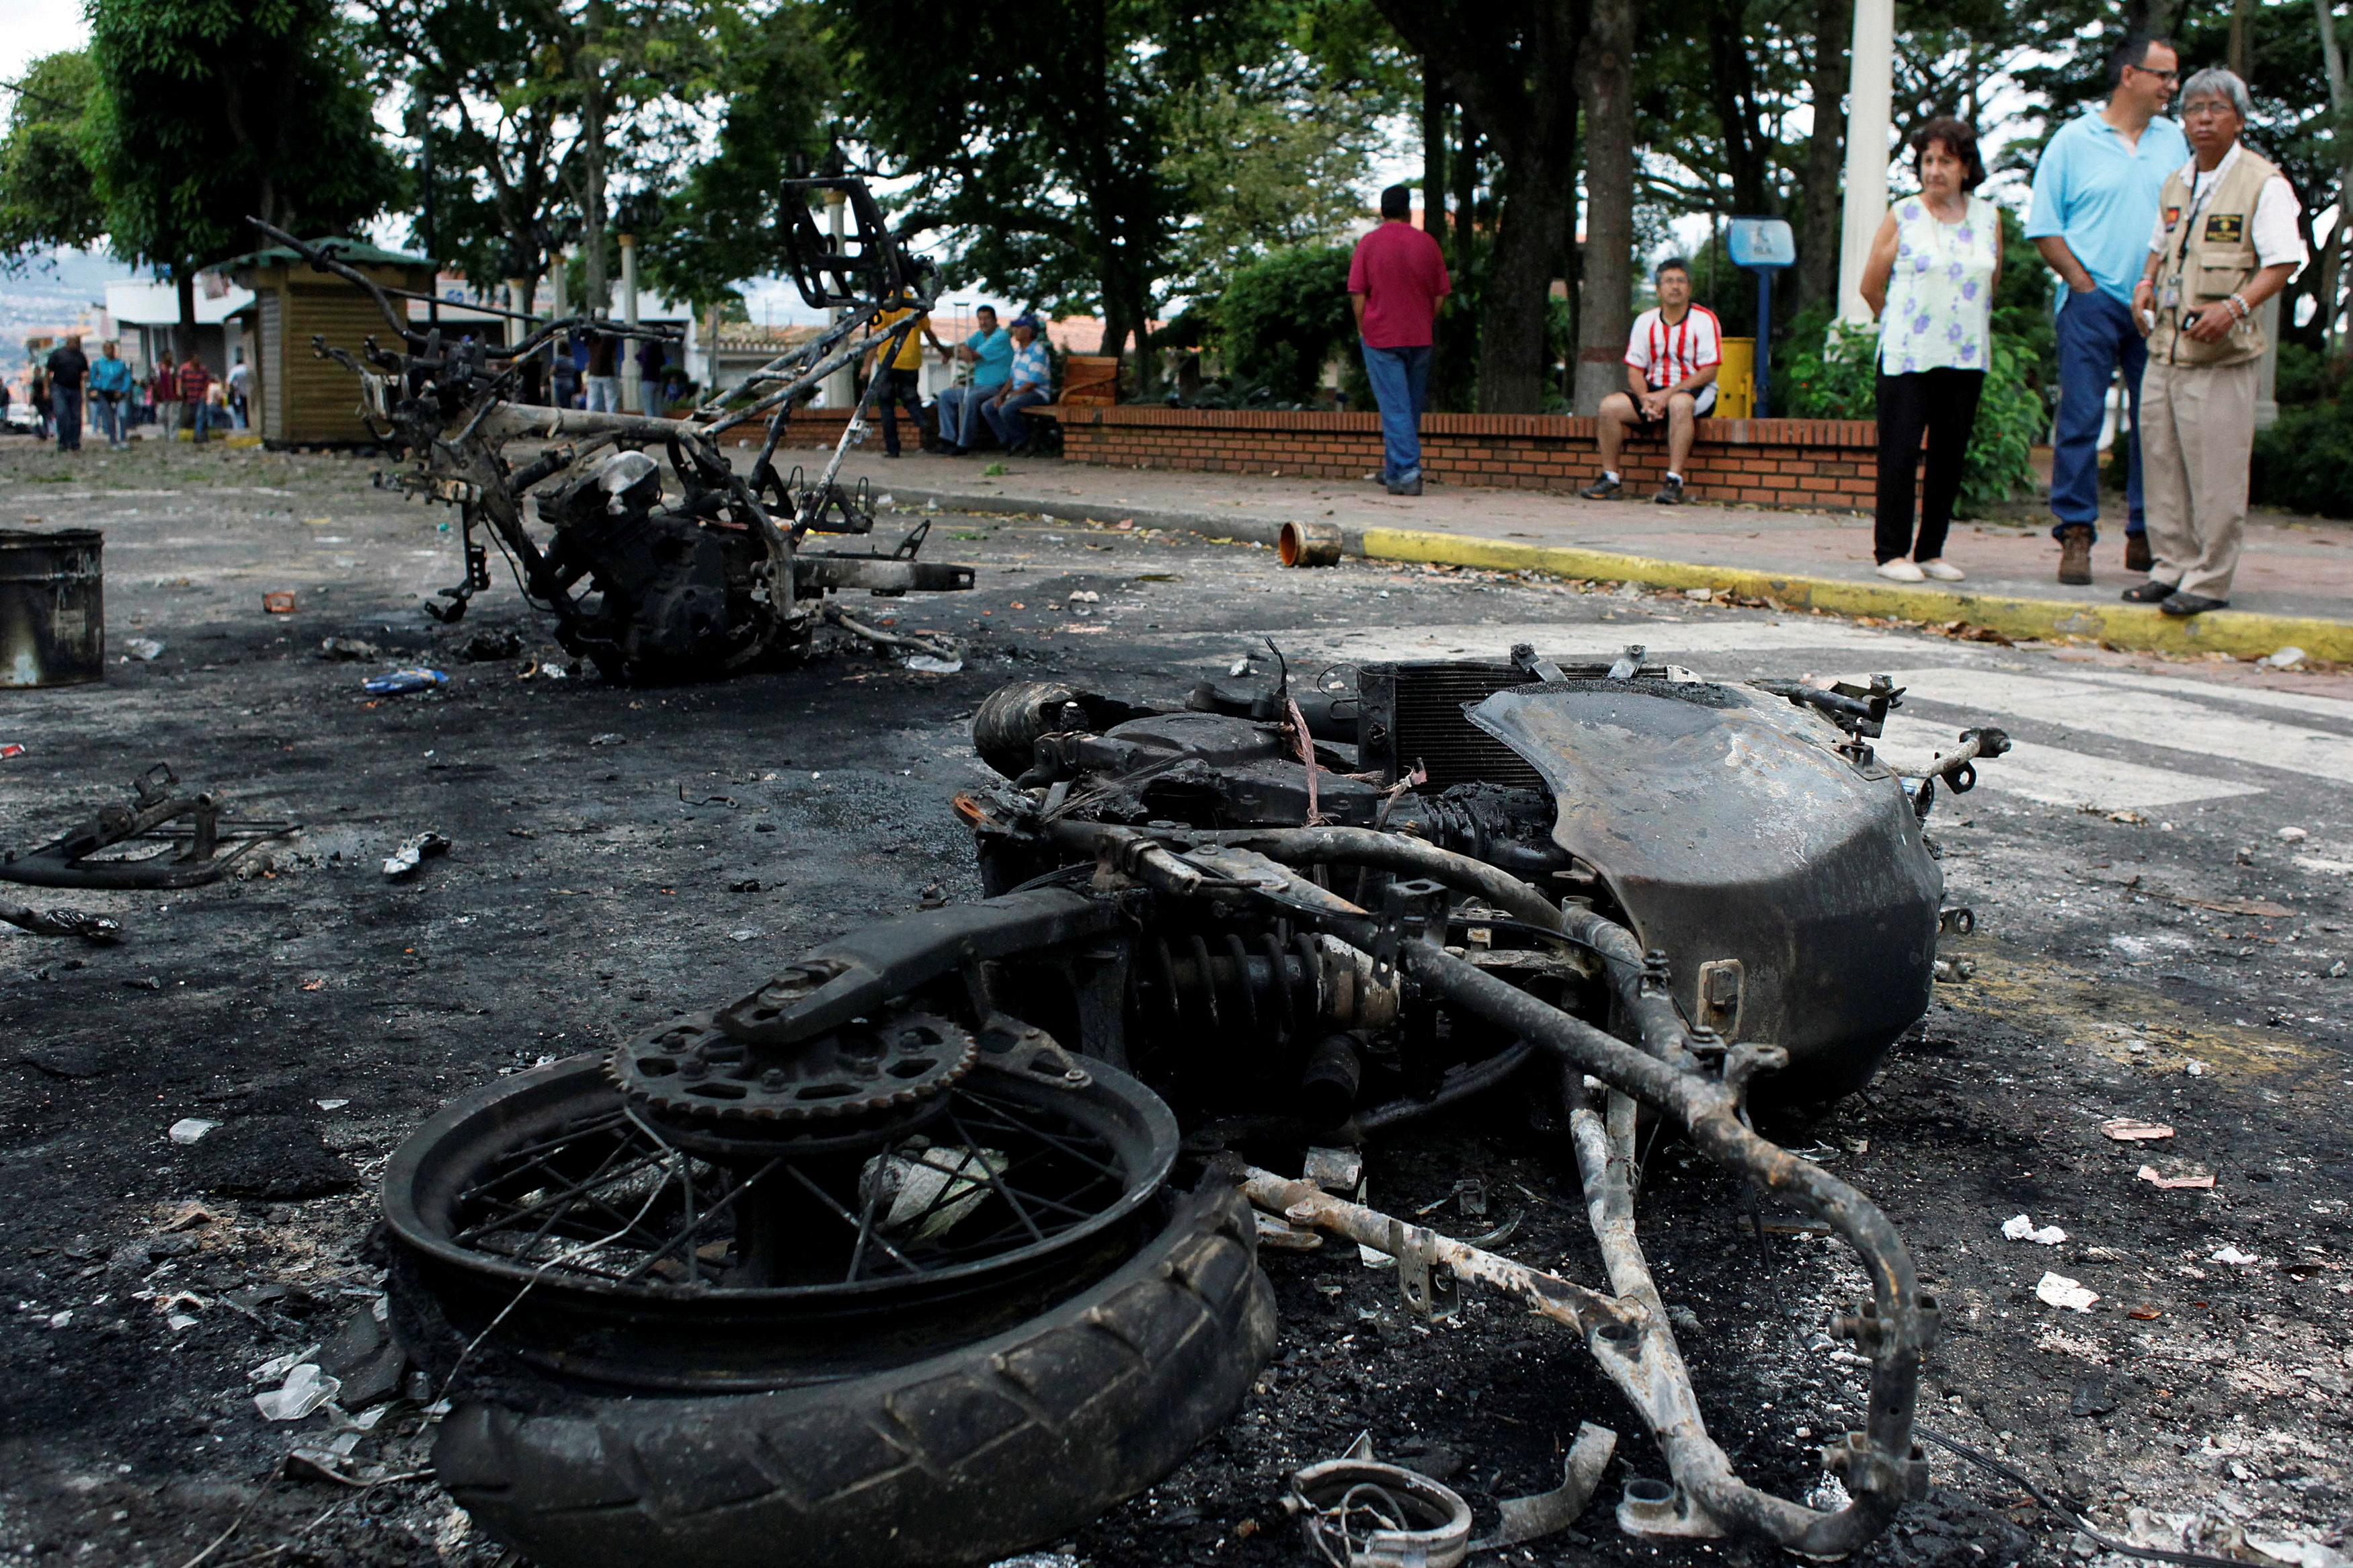 Motos de la policía incendiadas son vistas durante una protesta contra el gobierno del presidente de Venezuela, Nicolás Maduro, en Palmira, Táchira, 16 de mayo de 2017. Foto: Reuters/ Carlos Eduardo Ramírez